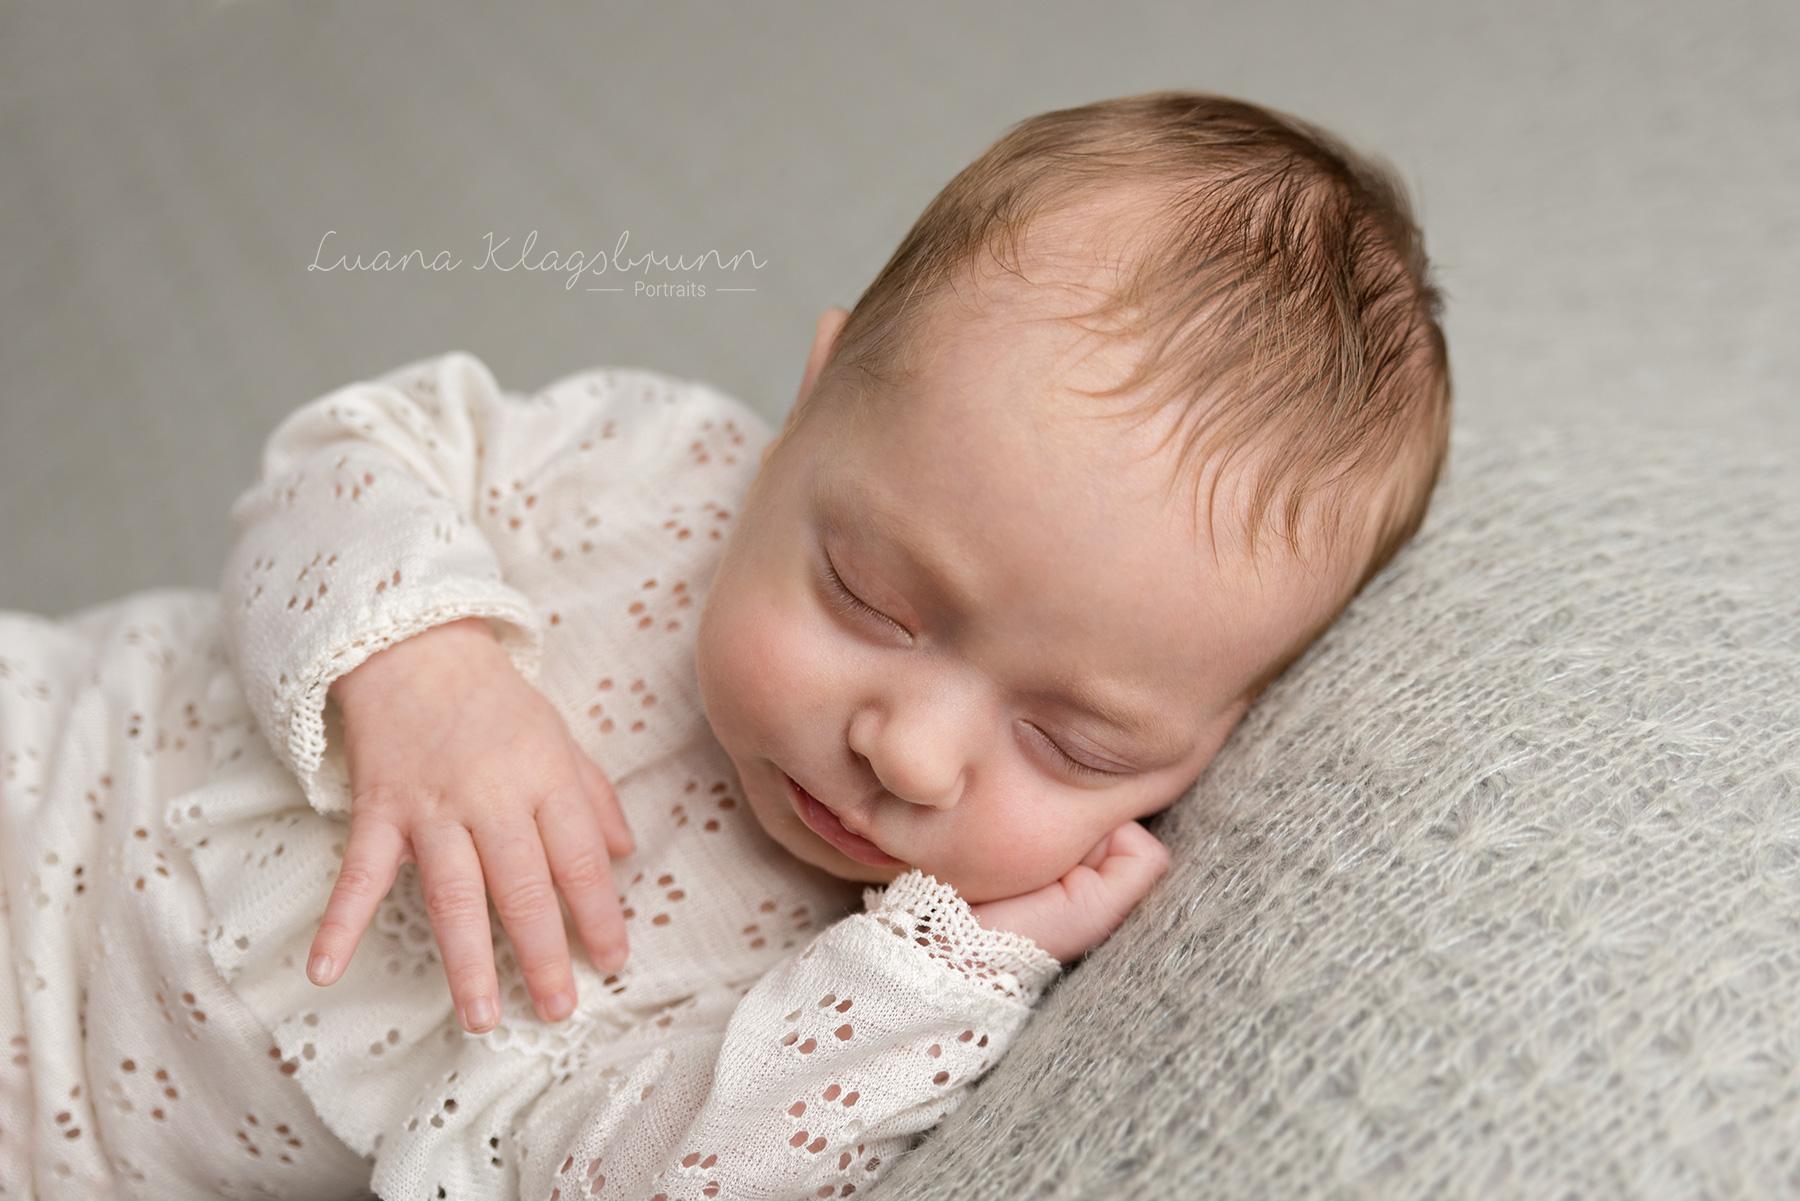 Luana_Klagsbrunn_Babyfotograf_Pfinztal_9.jpg